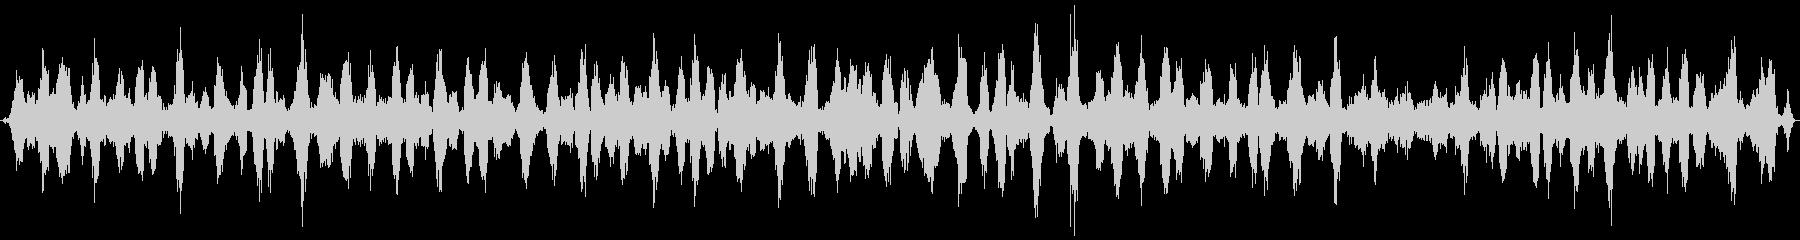 カエルの合唱 (約30秒)の未再生の波形